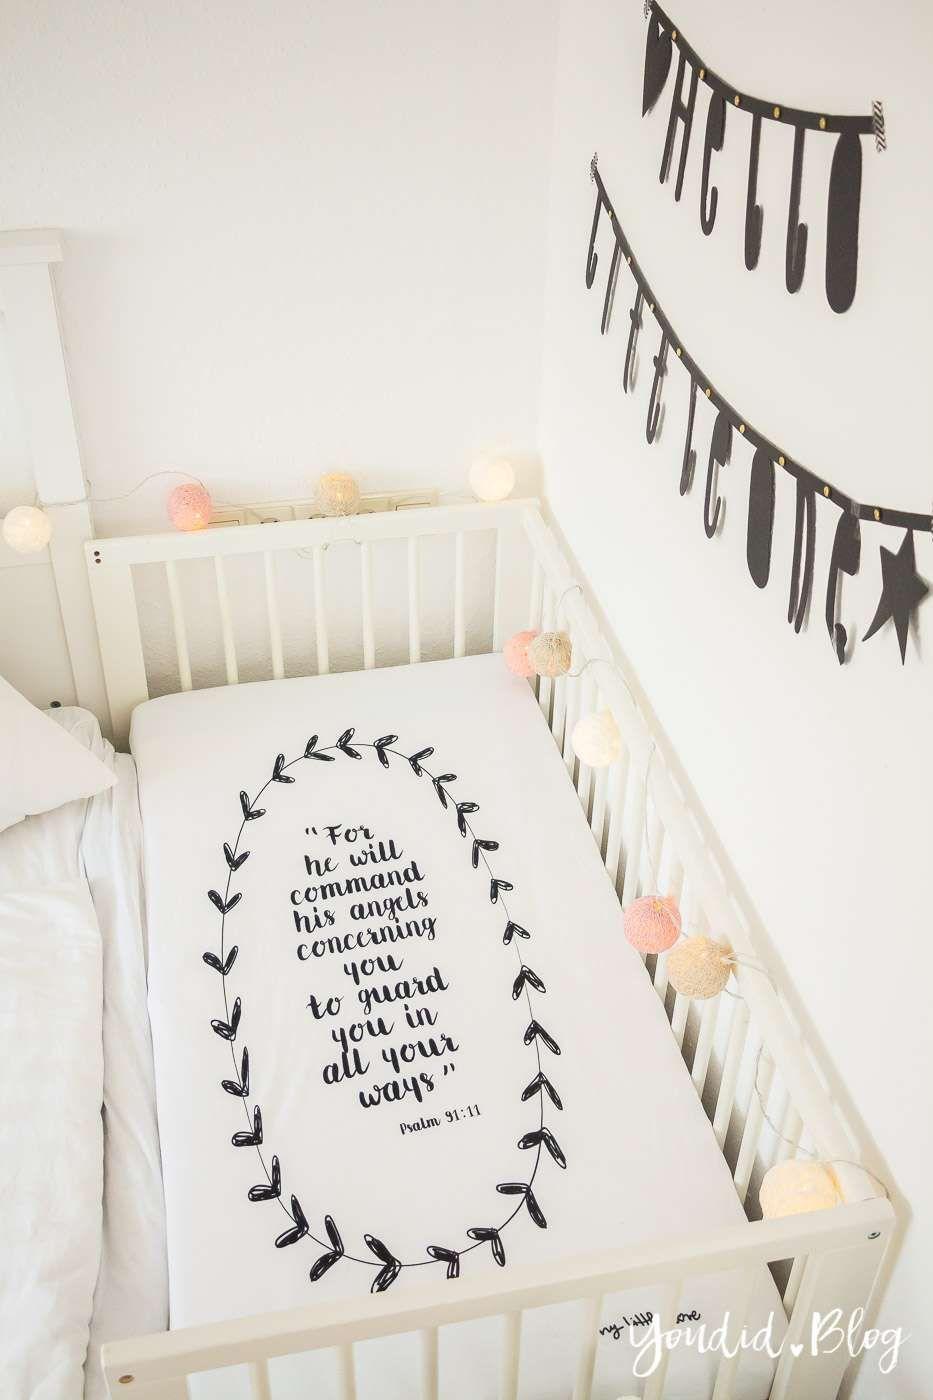 Ikea Babybett Als Beistellbett Einzigartig Phantasievolle Inspiration Babybett Als Beistellbett Und Beistellbett Ikea Babybett Babybett